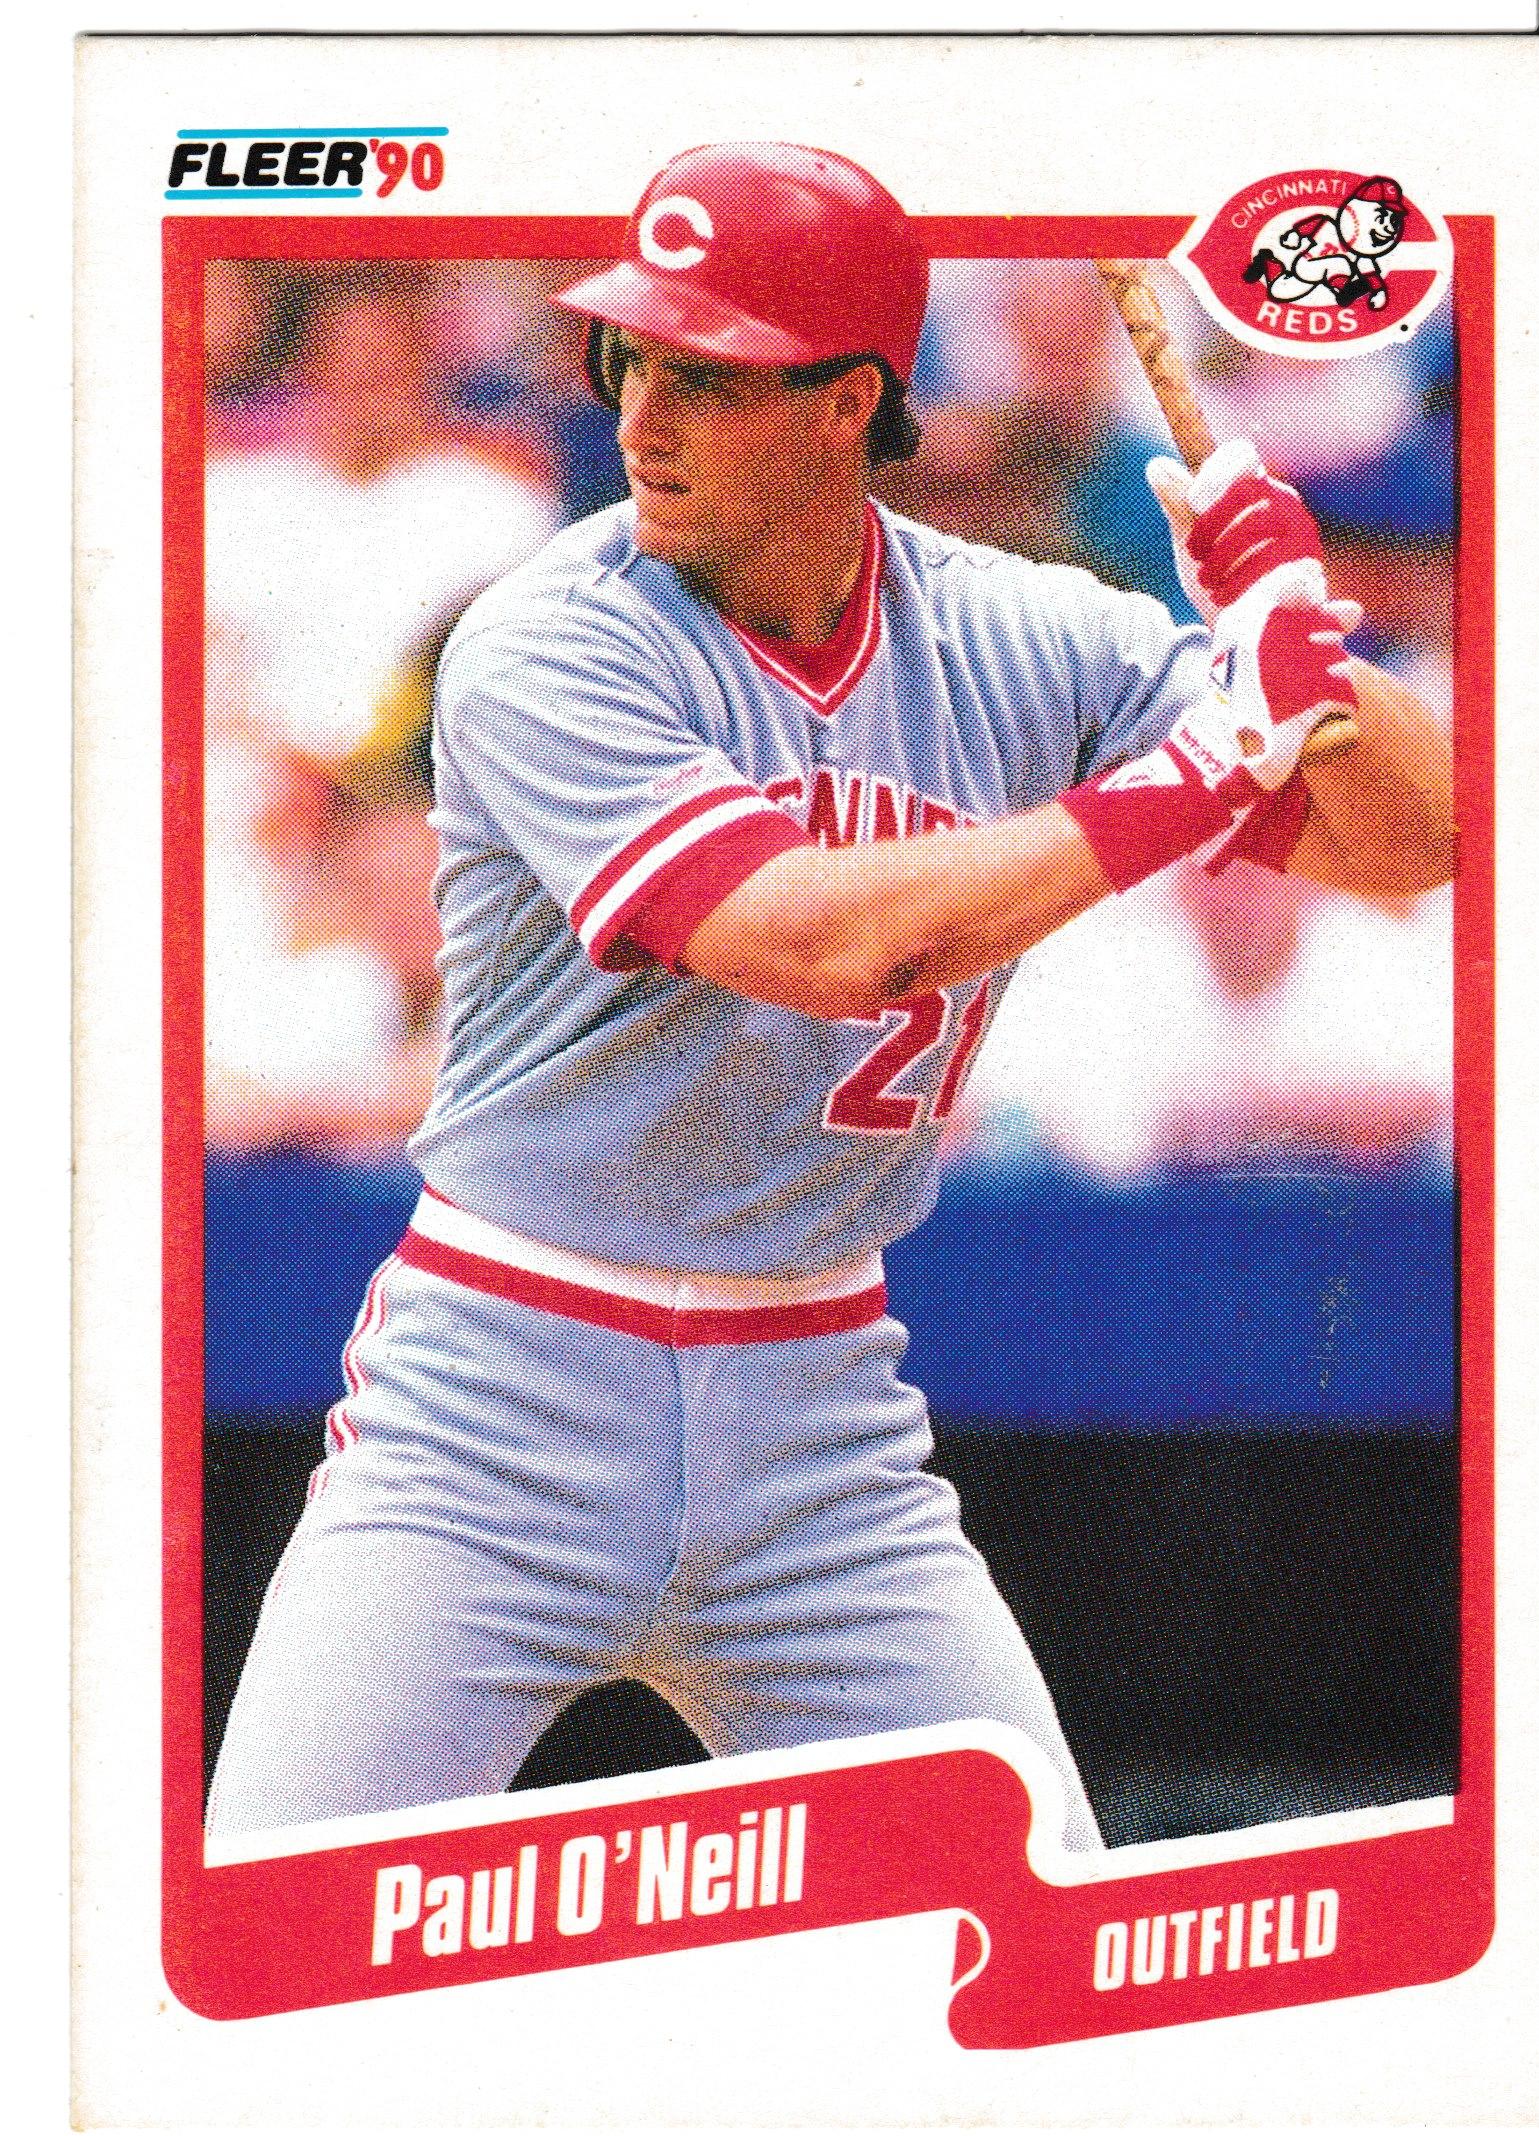 1990 Fleer Main Set Paul Oneill Number 21 Batting